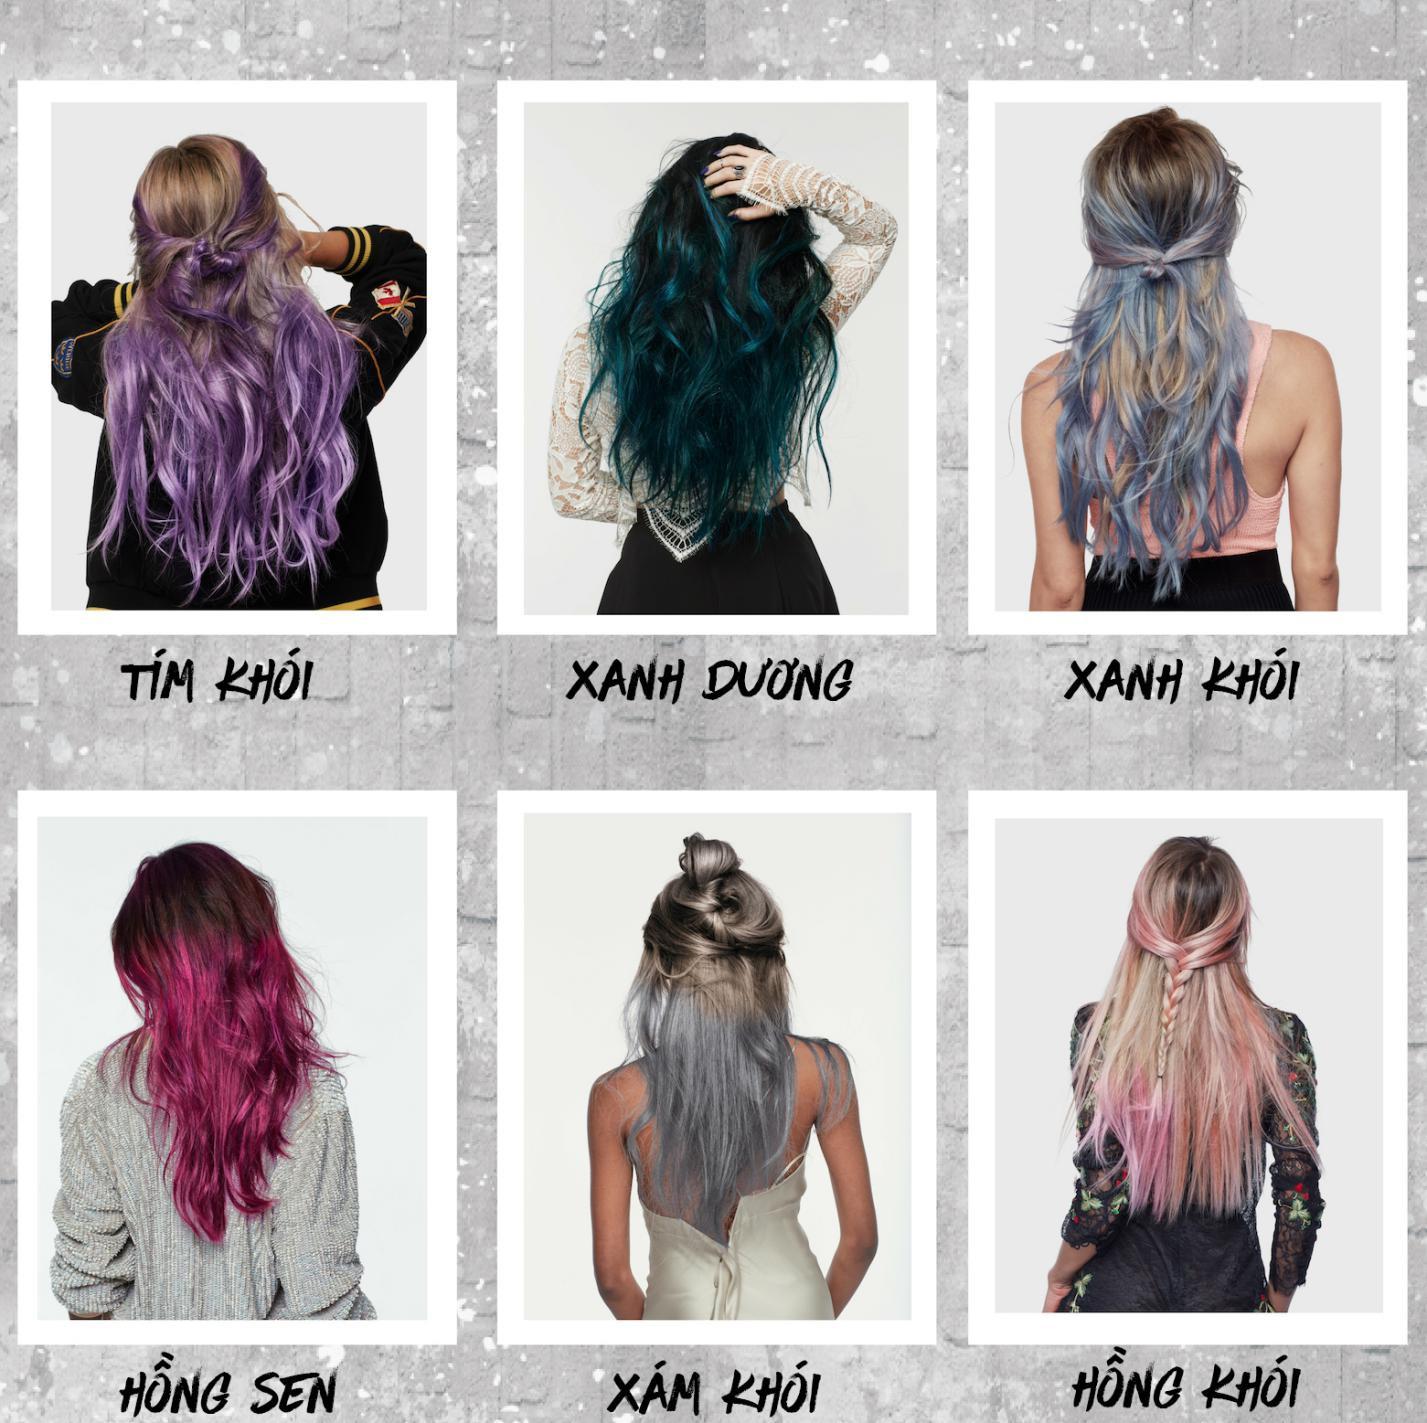 Muốn thử nhiều màu thời thượng mà không sợ hư tóc, đừng lo nay đã có sản phẩm nhuộm tóc 1 ngày! - Ảnh 4.